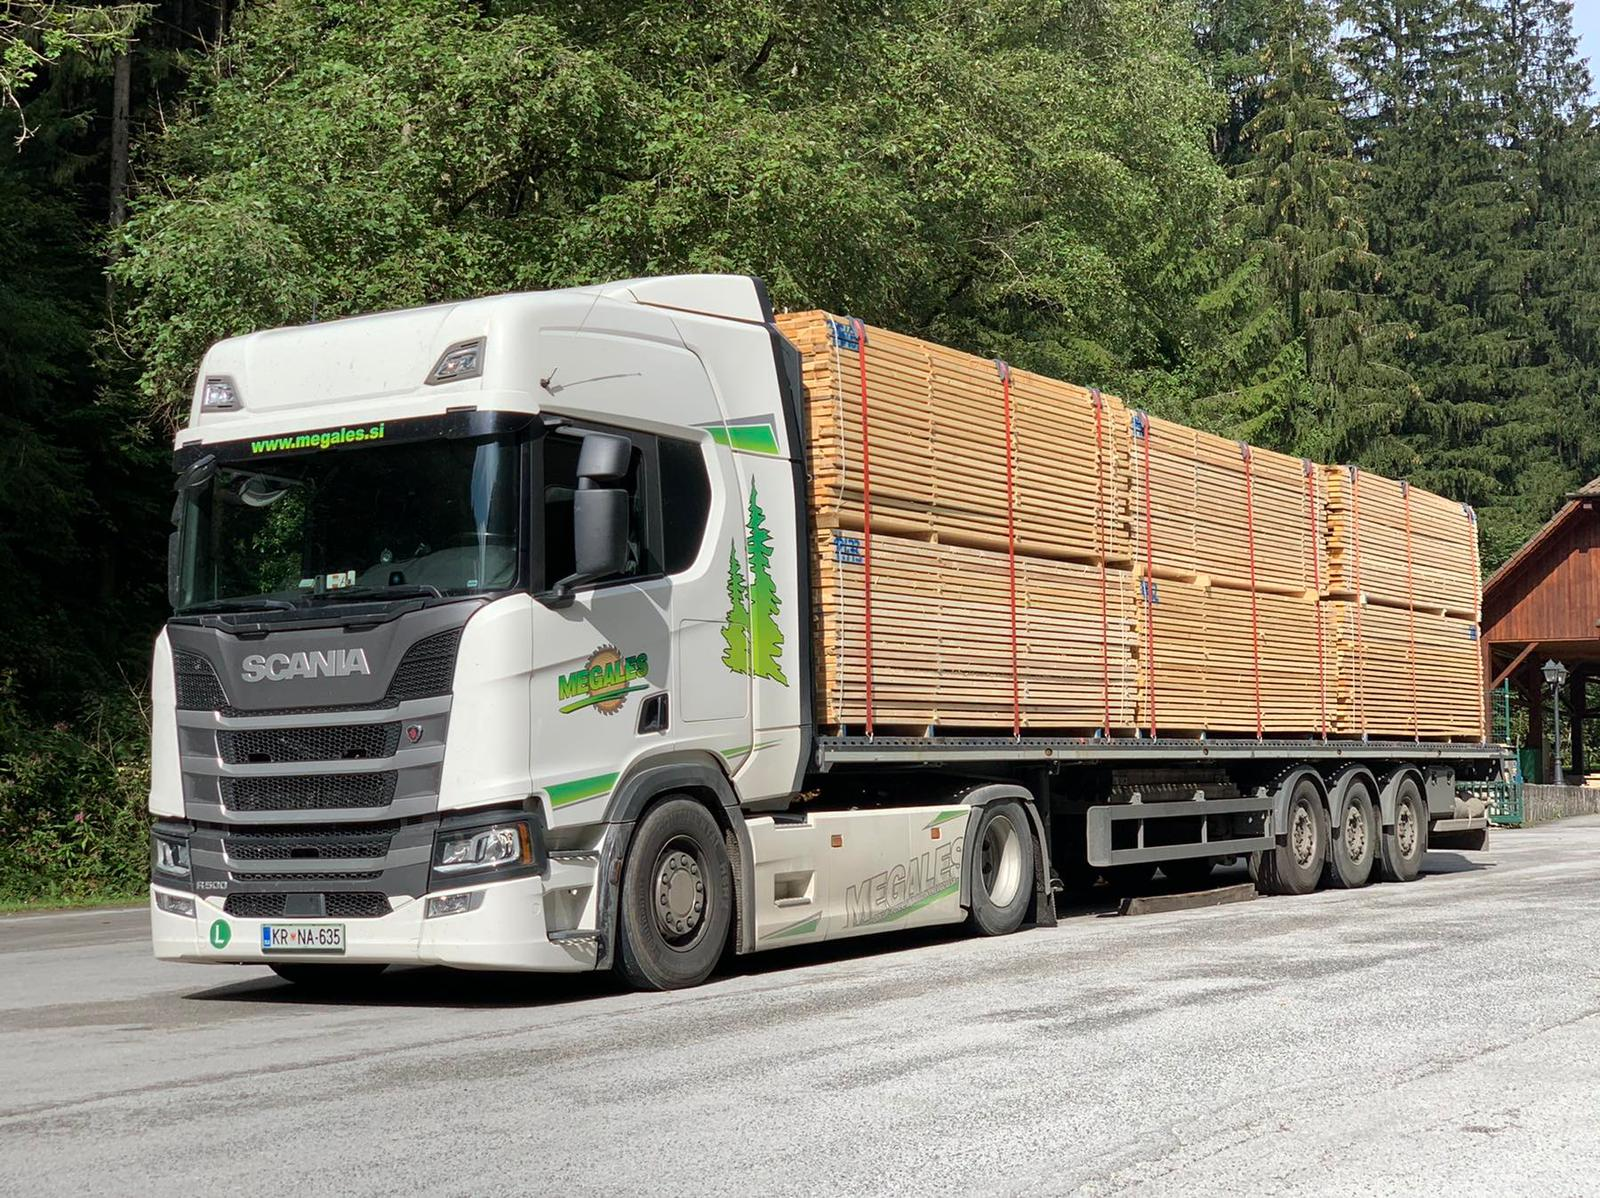 Nudimo vam vse vrste prevozov lesa megales